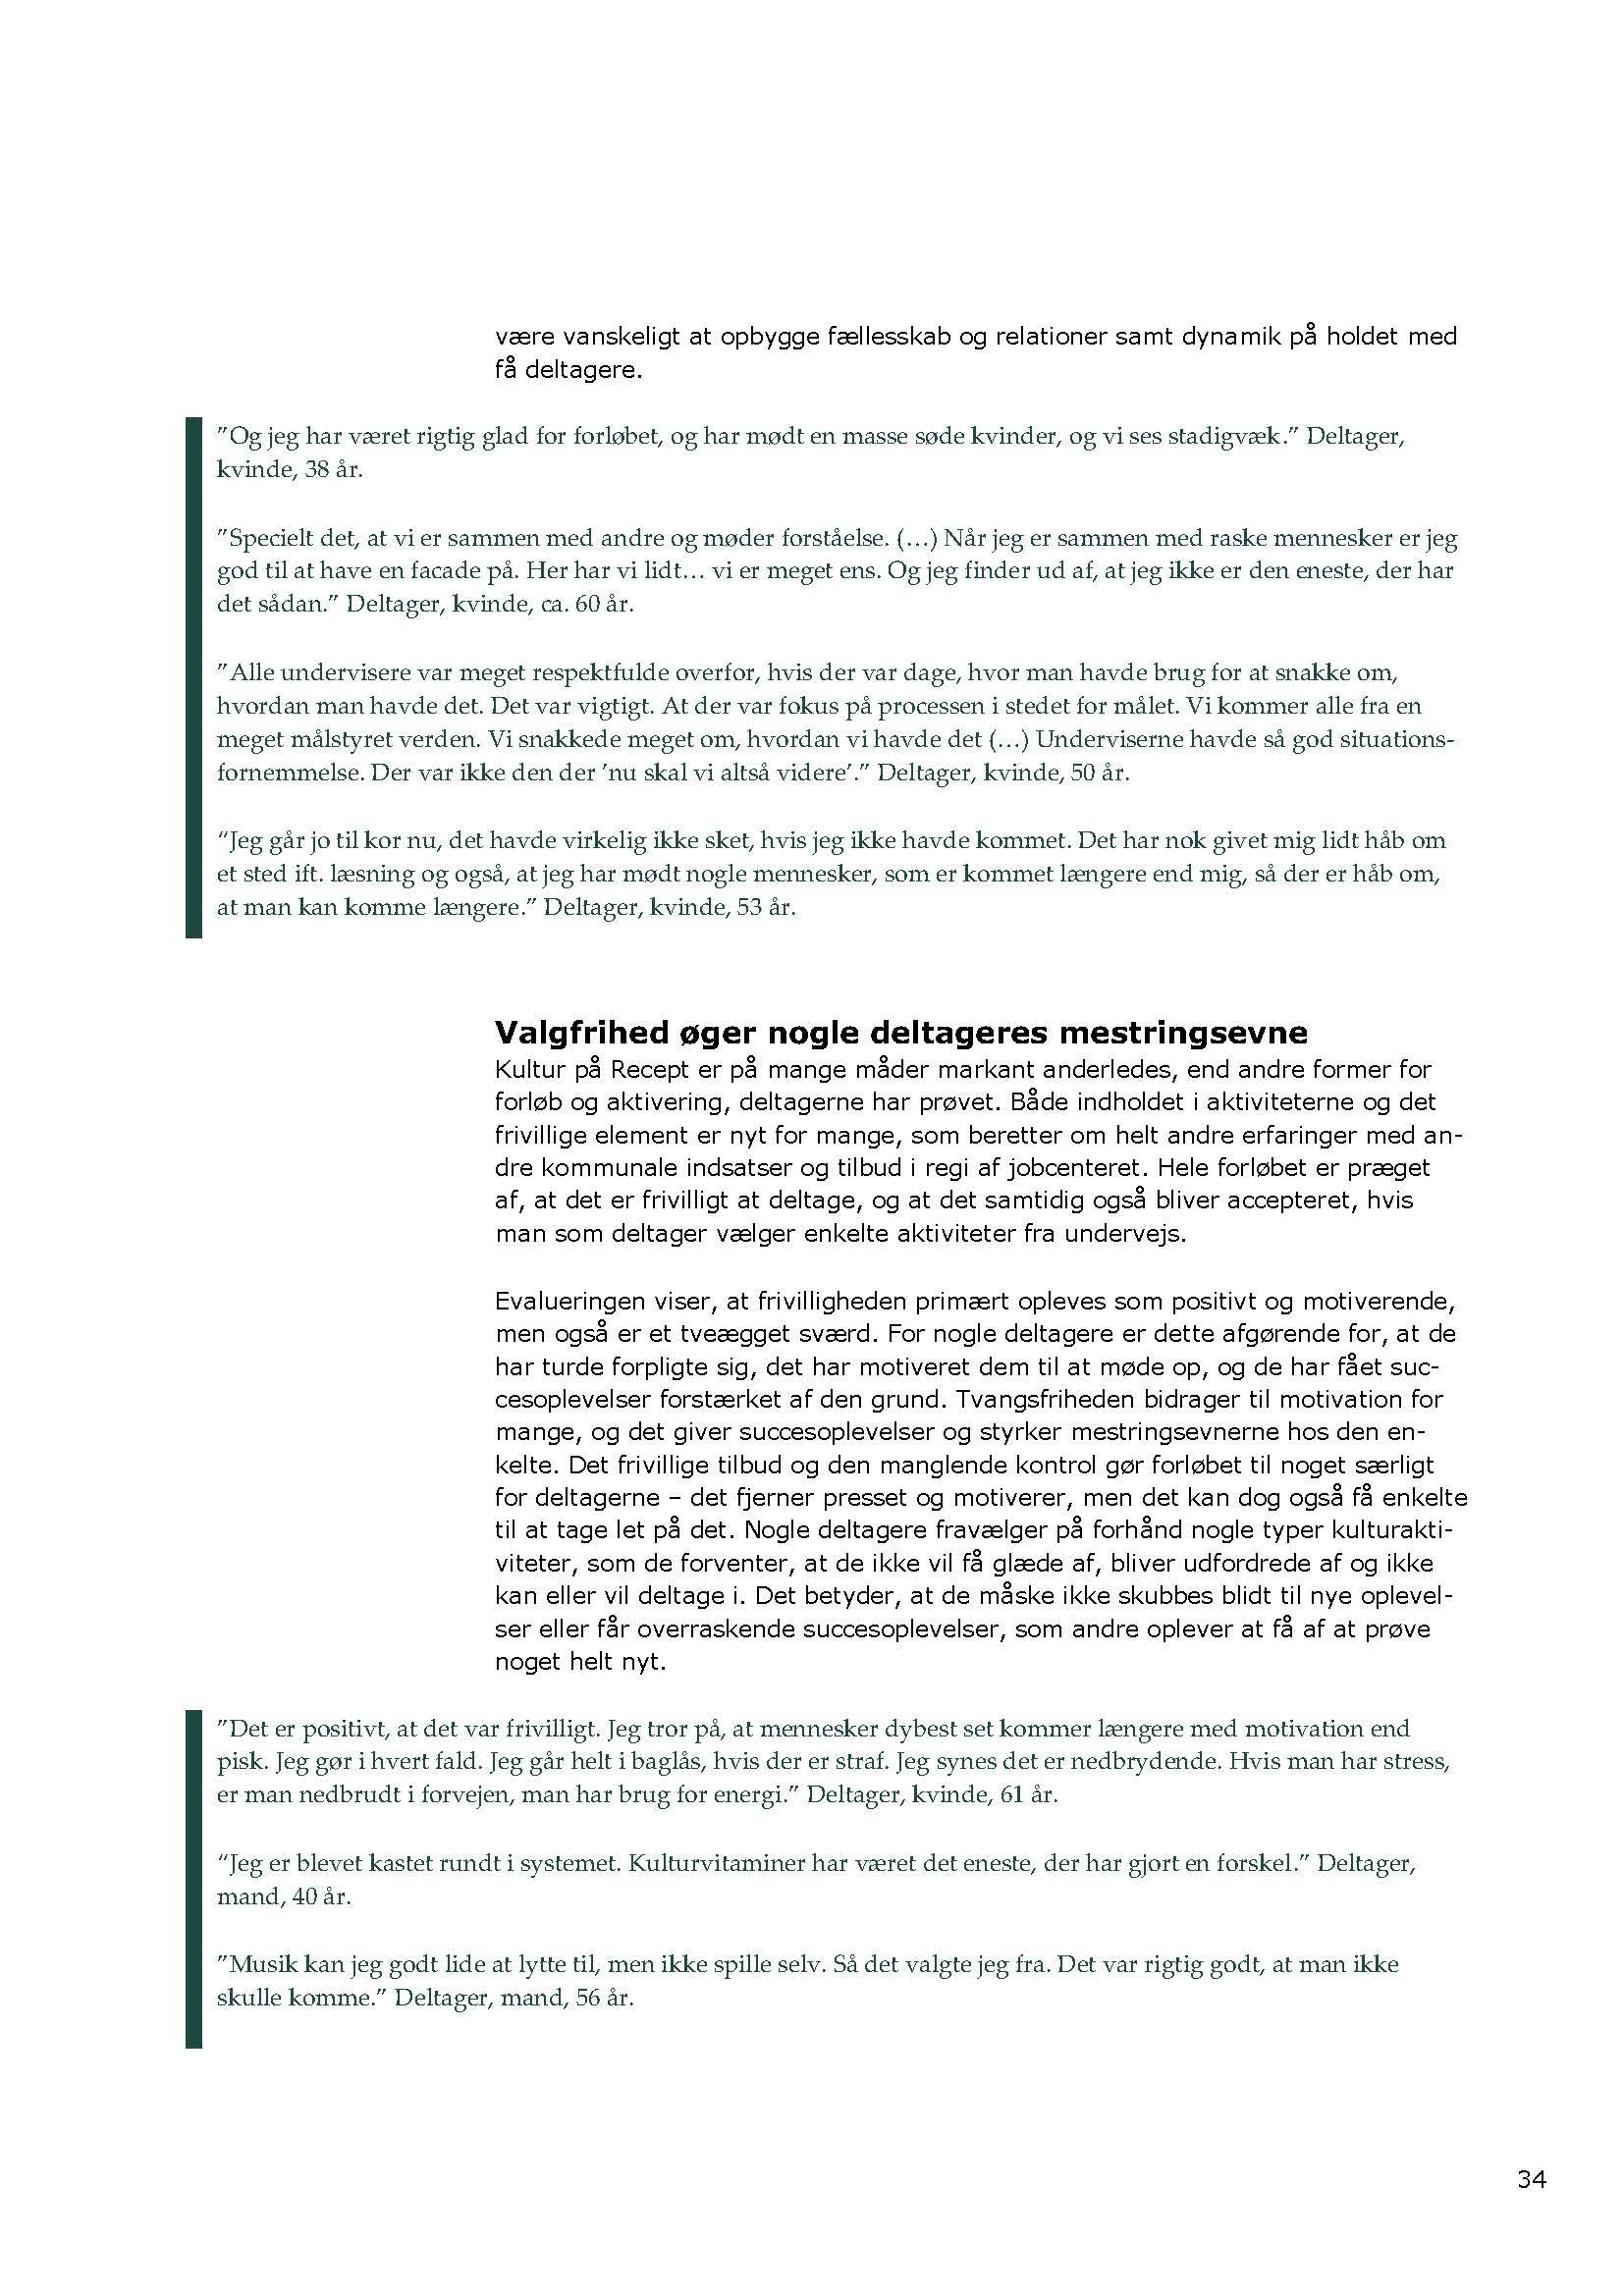 Kultur-paa-recept_tvaergaaende-evaluering_foraar-2020_Page_34